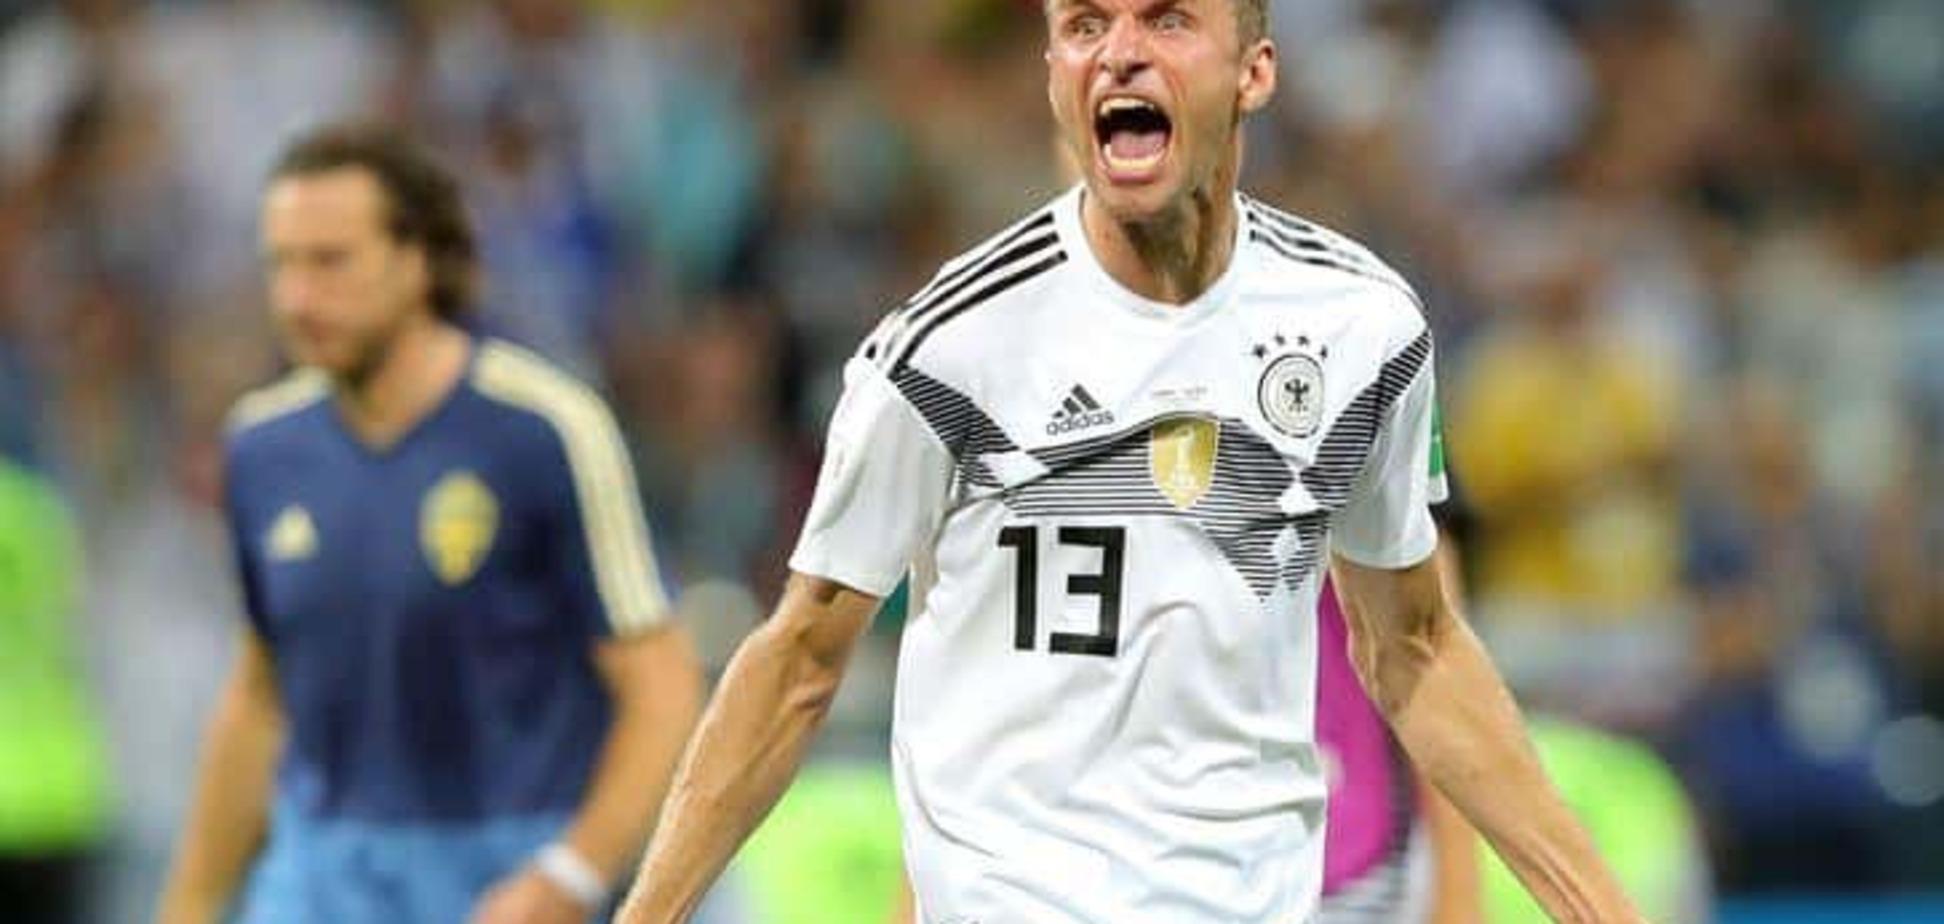 Південна Корея - Німеччина: де дивитися, прогноз на матч ЧС-2018